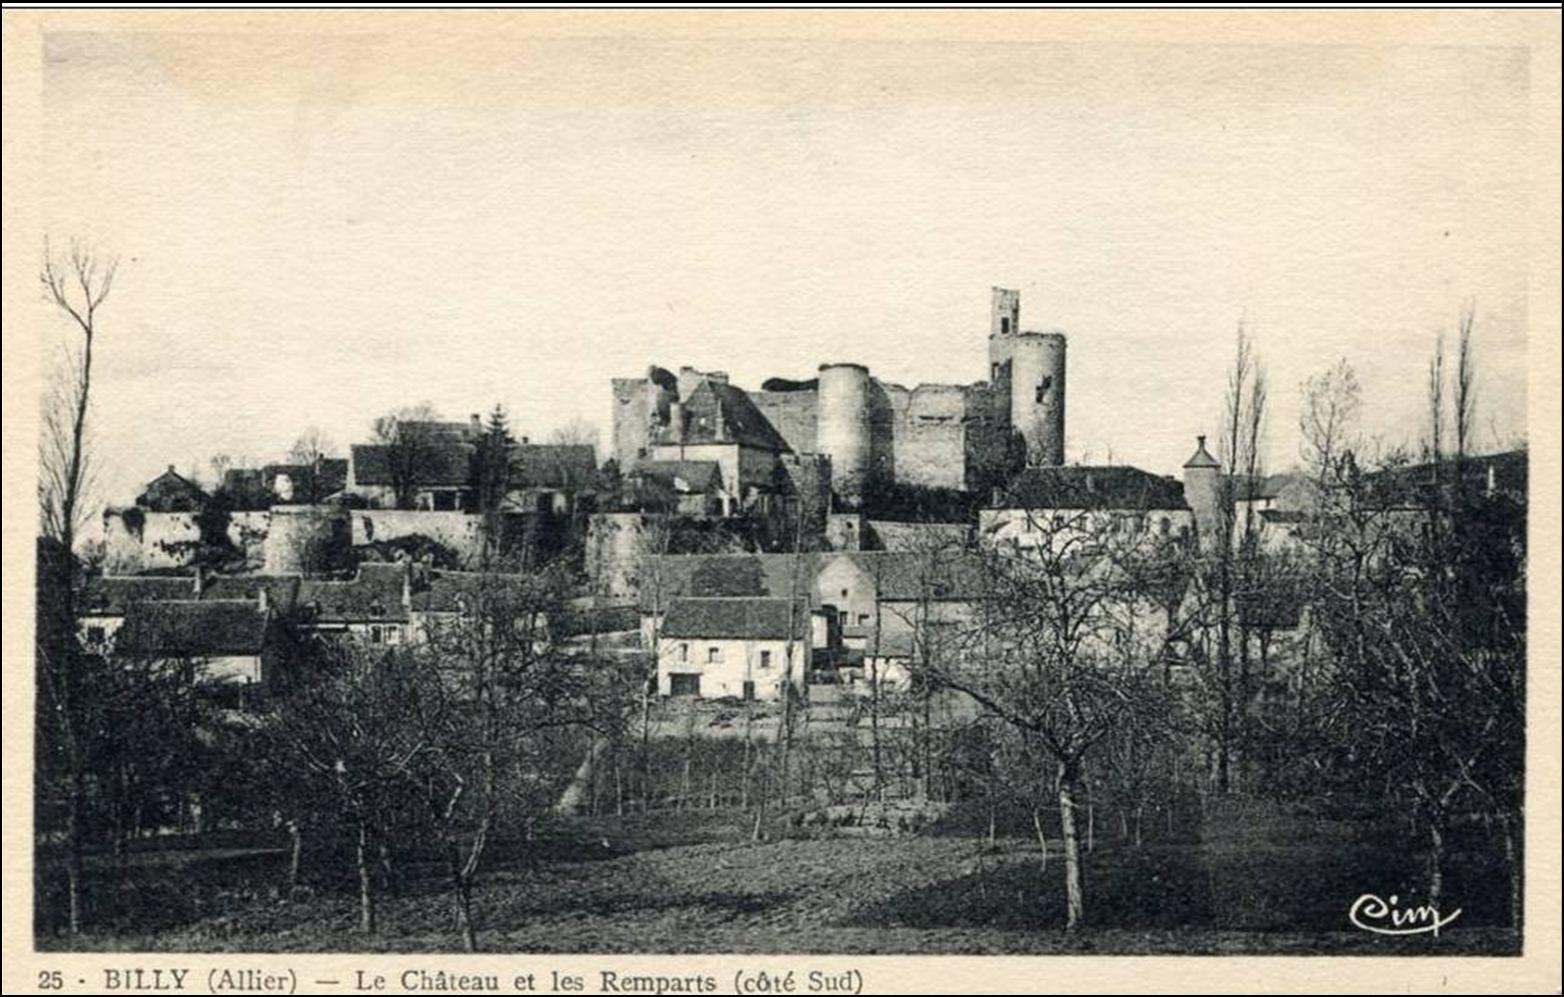 Les villages d'Auvergne: Billy dans l'Allier